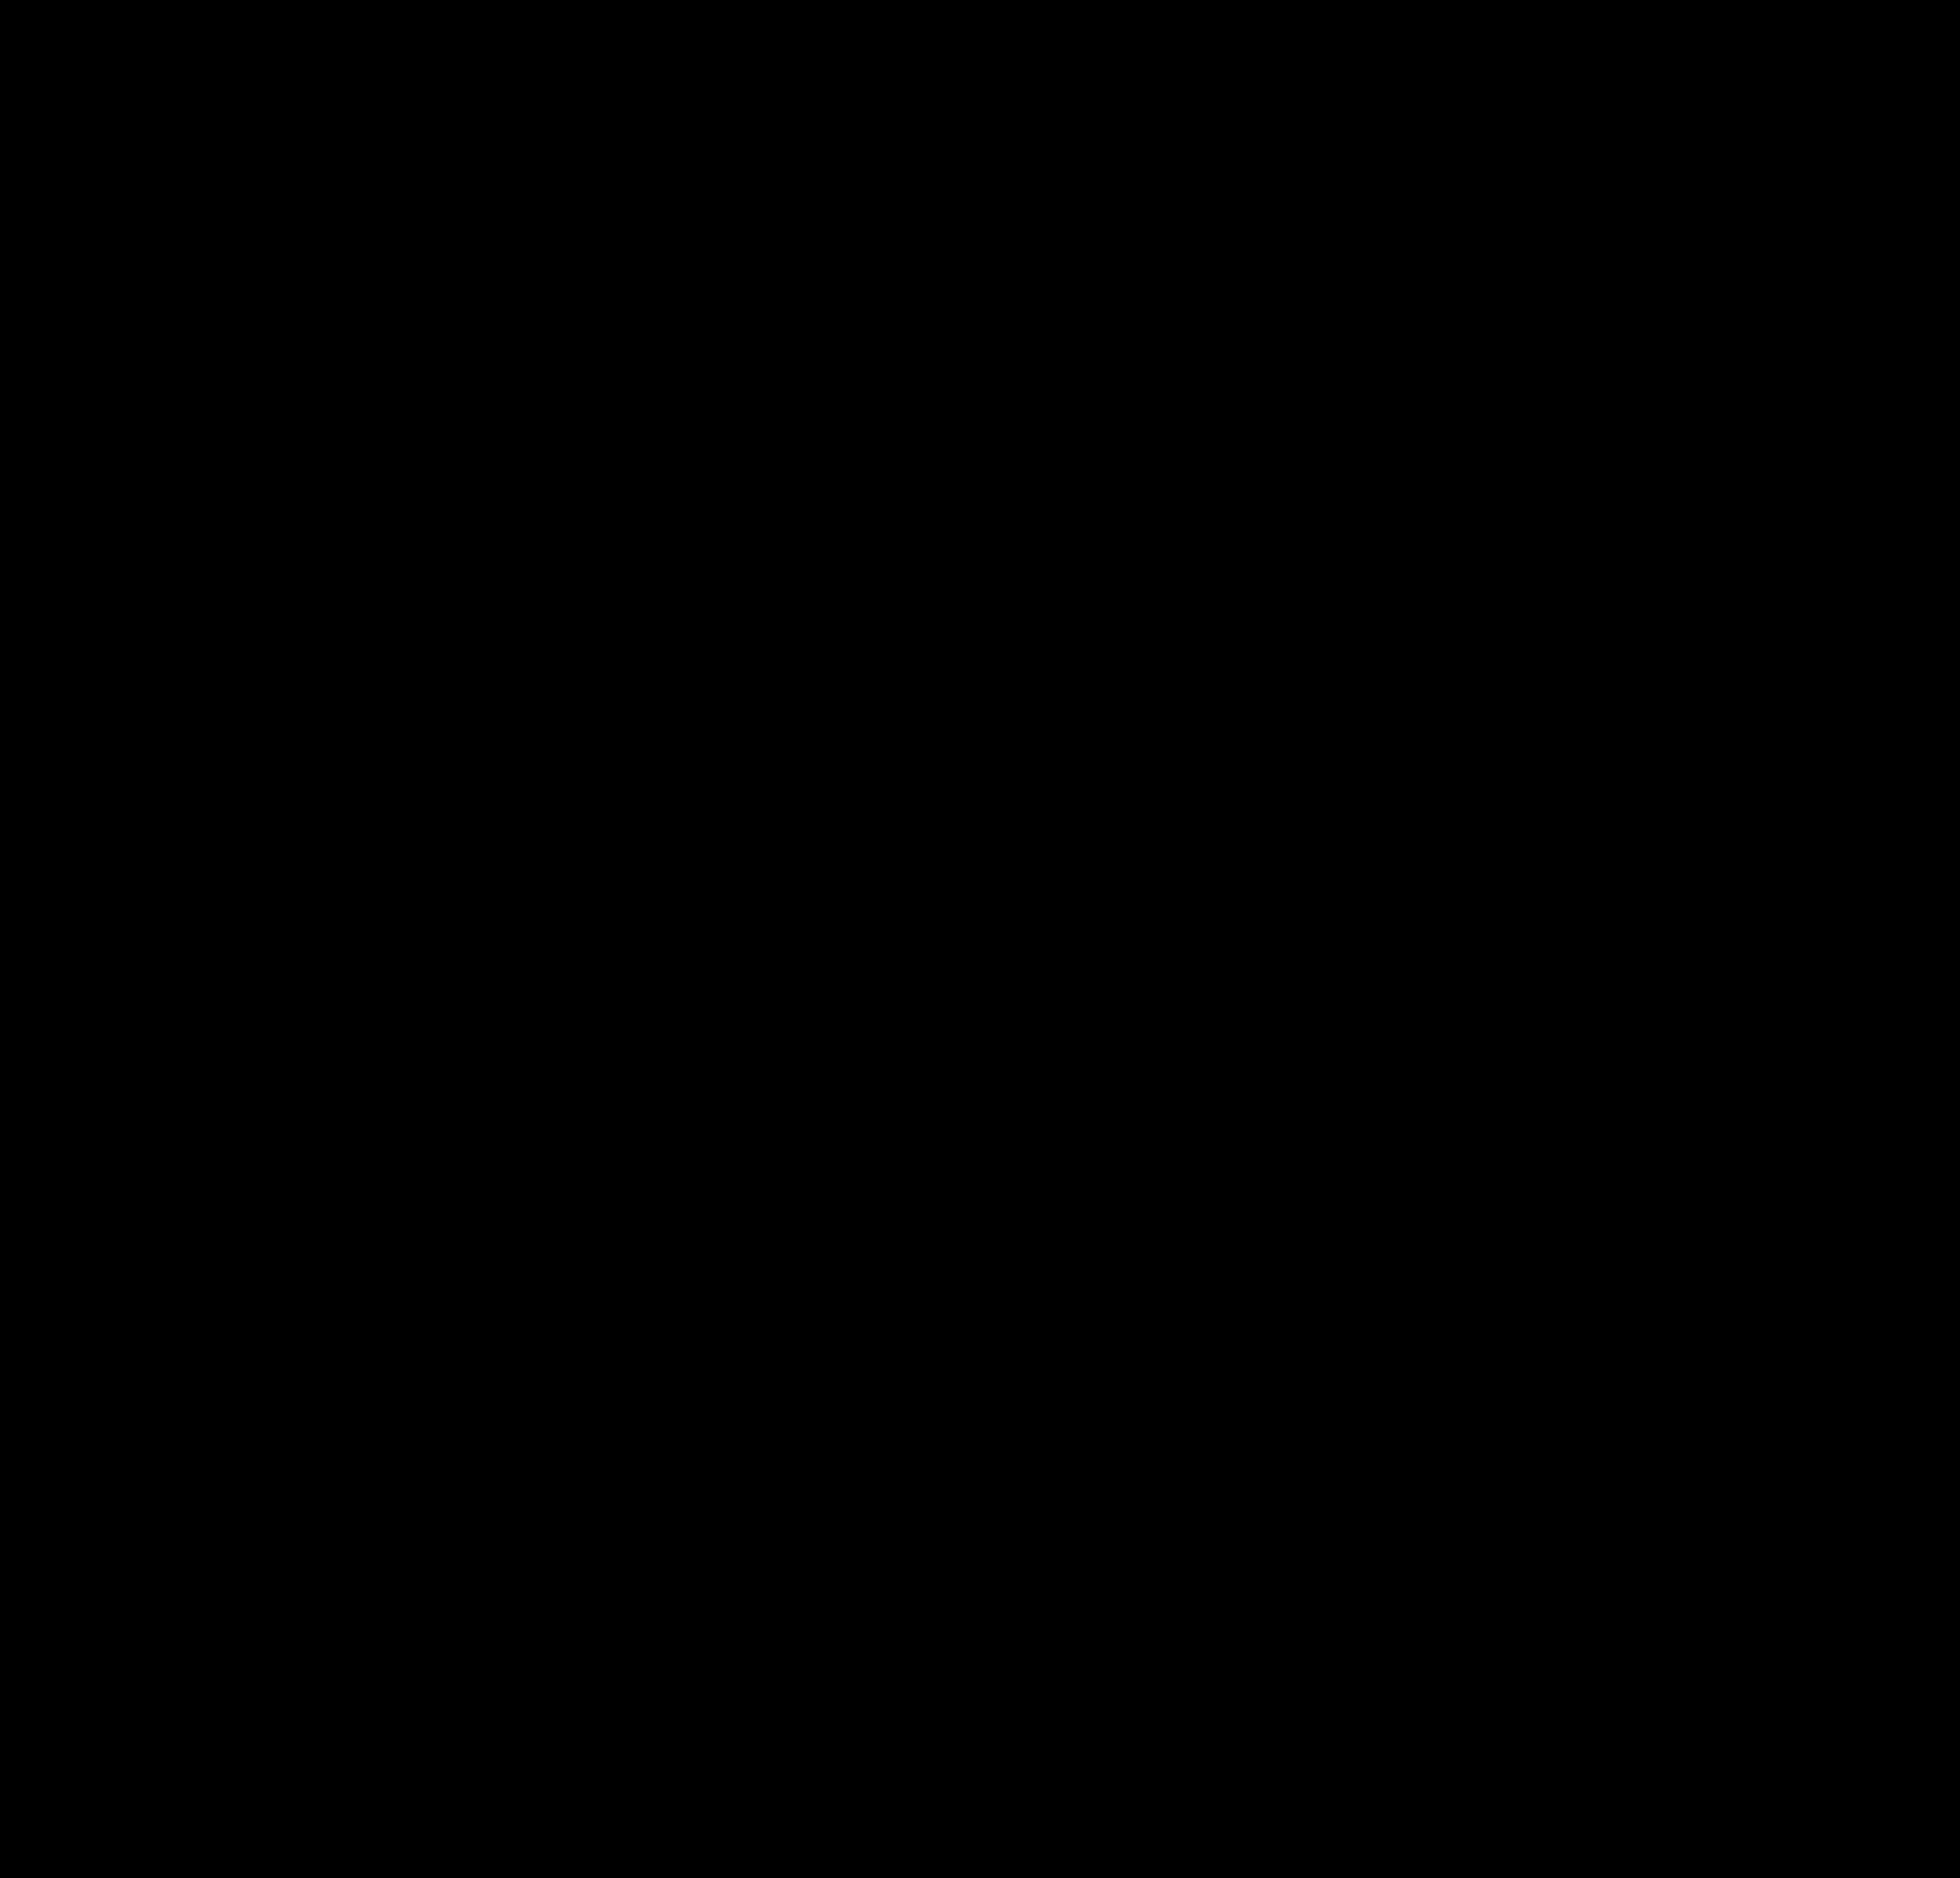 audyt finansowy, sprawozdania finansowe, inwestycje, podatki, fundusze unijne